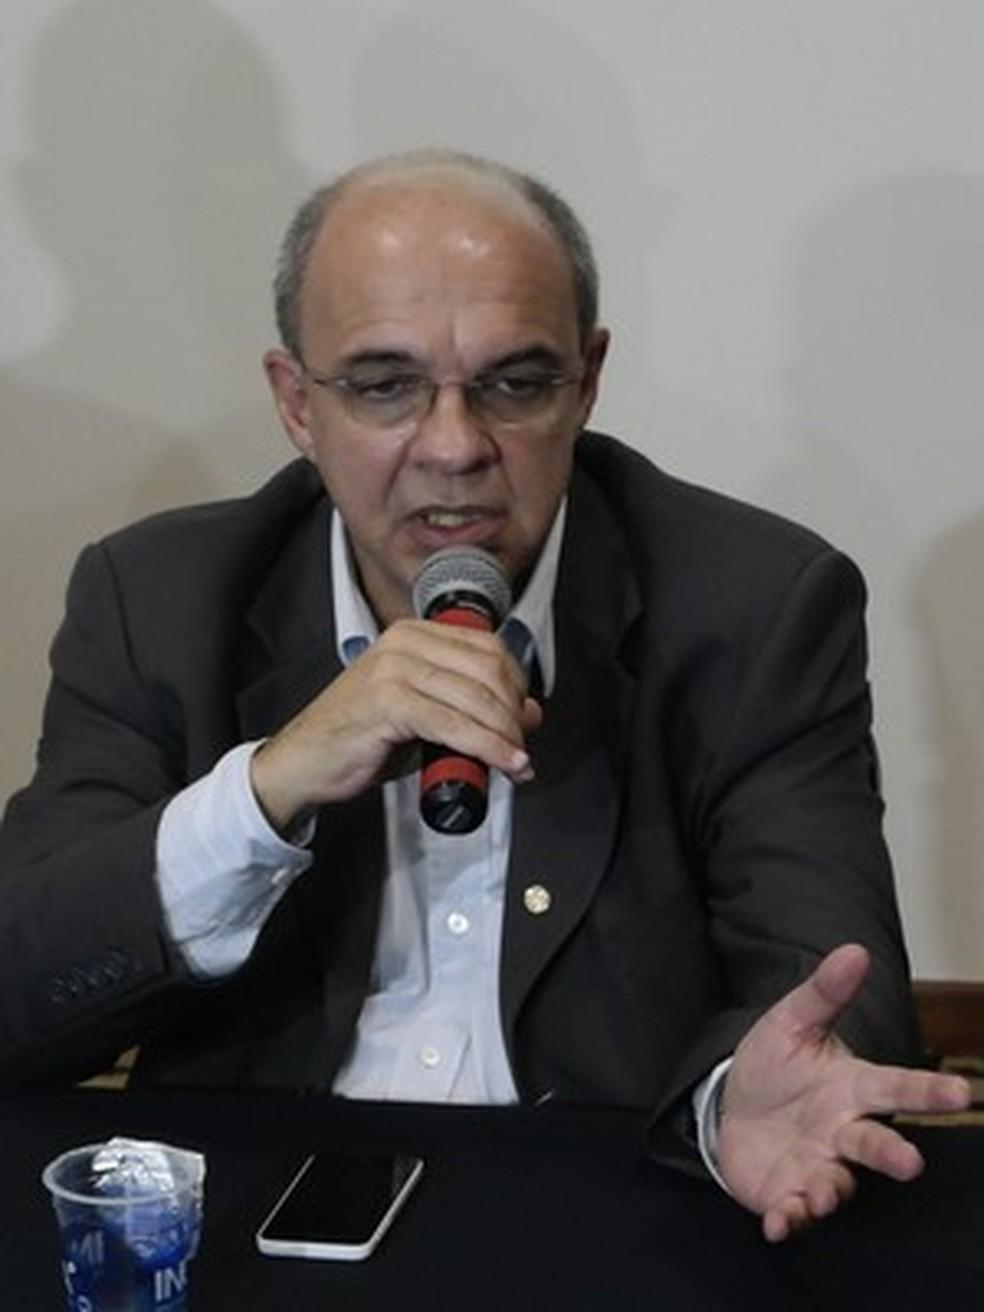 Eduardo Bandeira de Mello, ex-presidente do Flamengo  — Foto: Richard Pinheiro/GloboEsporte.com